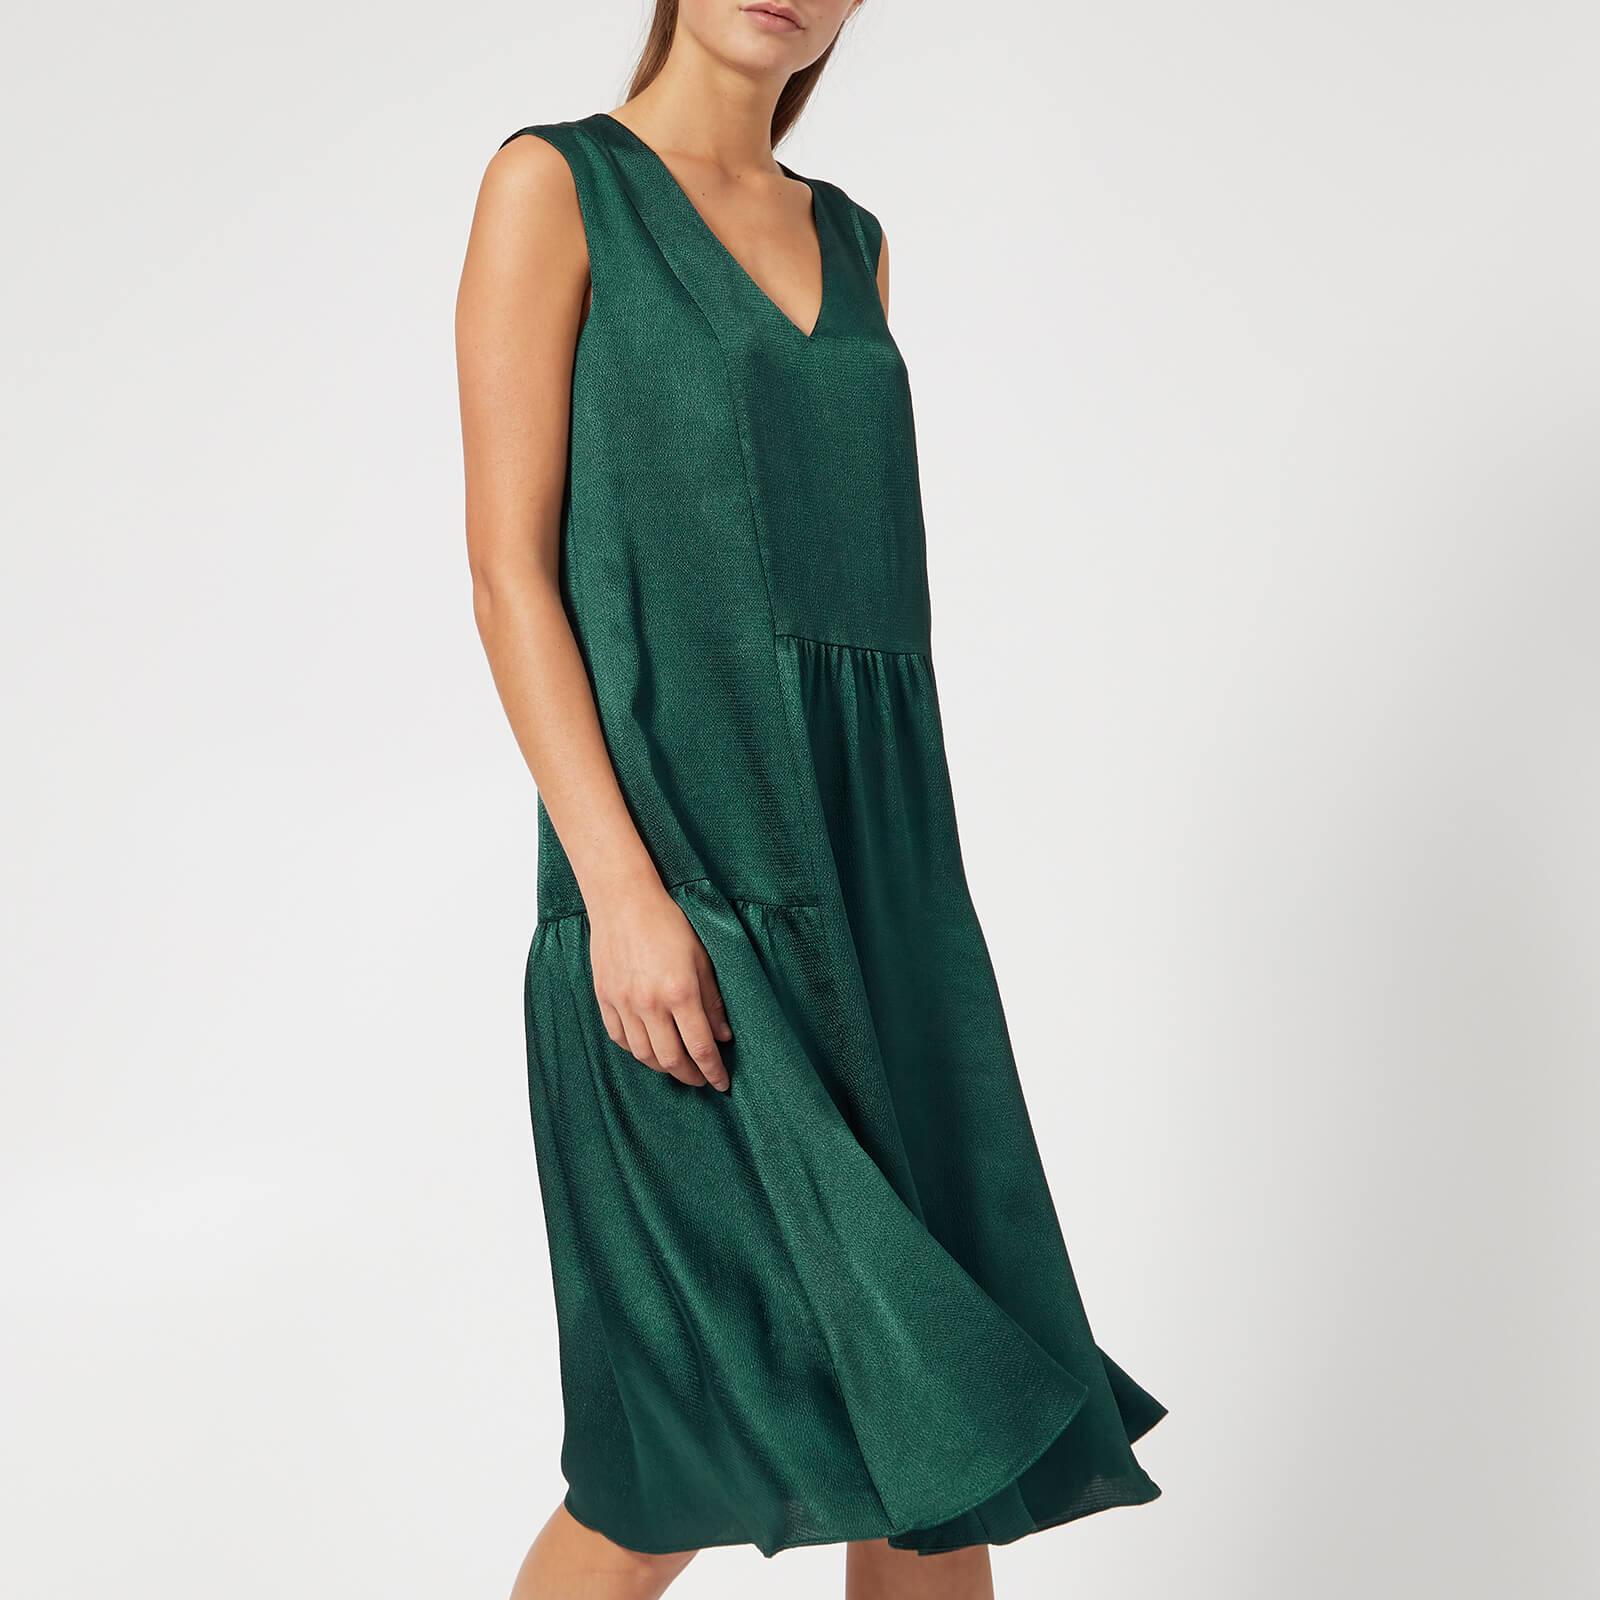 Gestuz Women's Masina Dress - Botanical Garden - EU 36/UK 8 - Green